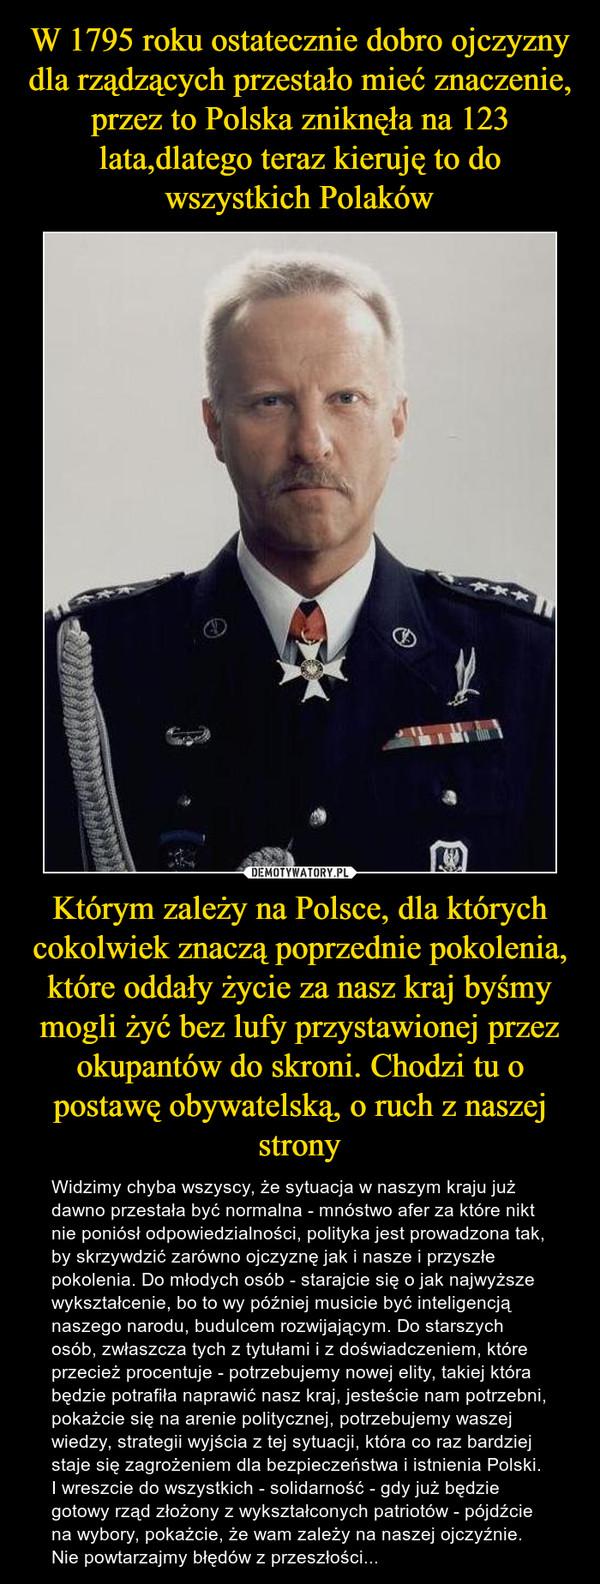 Którym zależy na Polsce, dla których cokolwiek znaczą poprzednie pokolenia, które oddały życie za nasz kraj byśmy mogli żyć bez lufy przystawionej przez okupantów do skroni. Chodzi tu o postawę obywatelską, o ruch z naszej strony – Widzimy chyba wszyscy, że sytuacja w naszym kraju już dawno przestała być normalna - mnóstwo afer za które nikt nie poniósł odpowiedzialności, polityka jest prowadzona tak, by skrzywdzić zarówno ojczyznę jak i nasze i przyszłe pokolenia. Do młodych osób - starajcie się o jak najwyższe wykształcenie, bo to wy później musicie być inteligencją naszego narodu, budulcem rozwijającym. Do starszych osób, zwłaszcza tych z tytułami i z doświadczeniem, które przecież procentuje - potrzebujemy nowej elity, takiej która będzie potrafiła naprawić nasz kraj, jesteście nam potrzebni, pokażcie się na arenie politycznej, potrzebujemy waszej wiedzy, strategii wyjścia z tej sytuacji, która co raz bardziej staje się zagrożeniem dla bezpieczeństwa i istnienia Polski. I wreszcie do wszystkich - solidarność - gdy już będzie gotowy rząd złożony z wykształconych patriotów - pójdźcie na wybory, pokażcie, że wam zależy na naszej ojczyźnie. Nie powtarzajmy błędów z przeszłości...